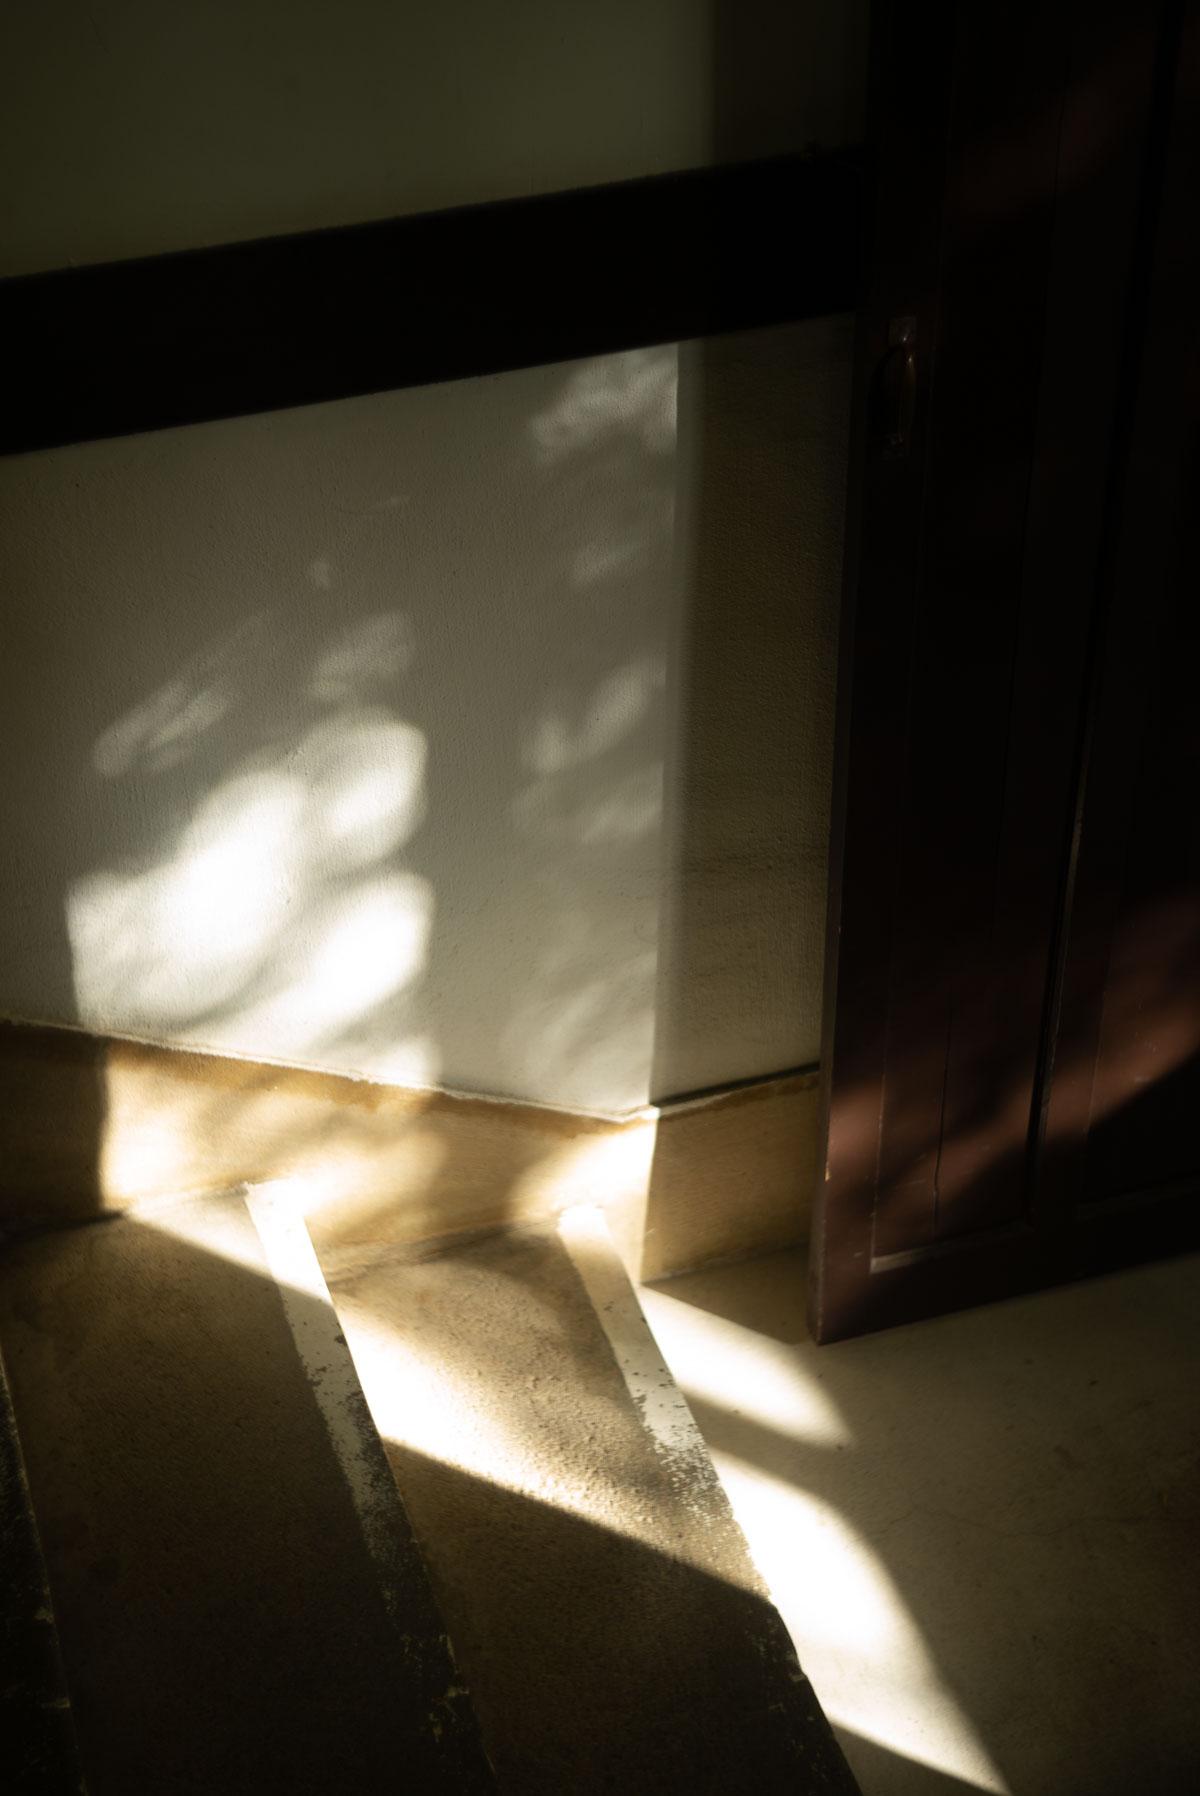 鞍馬駅の陰影